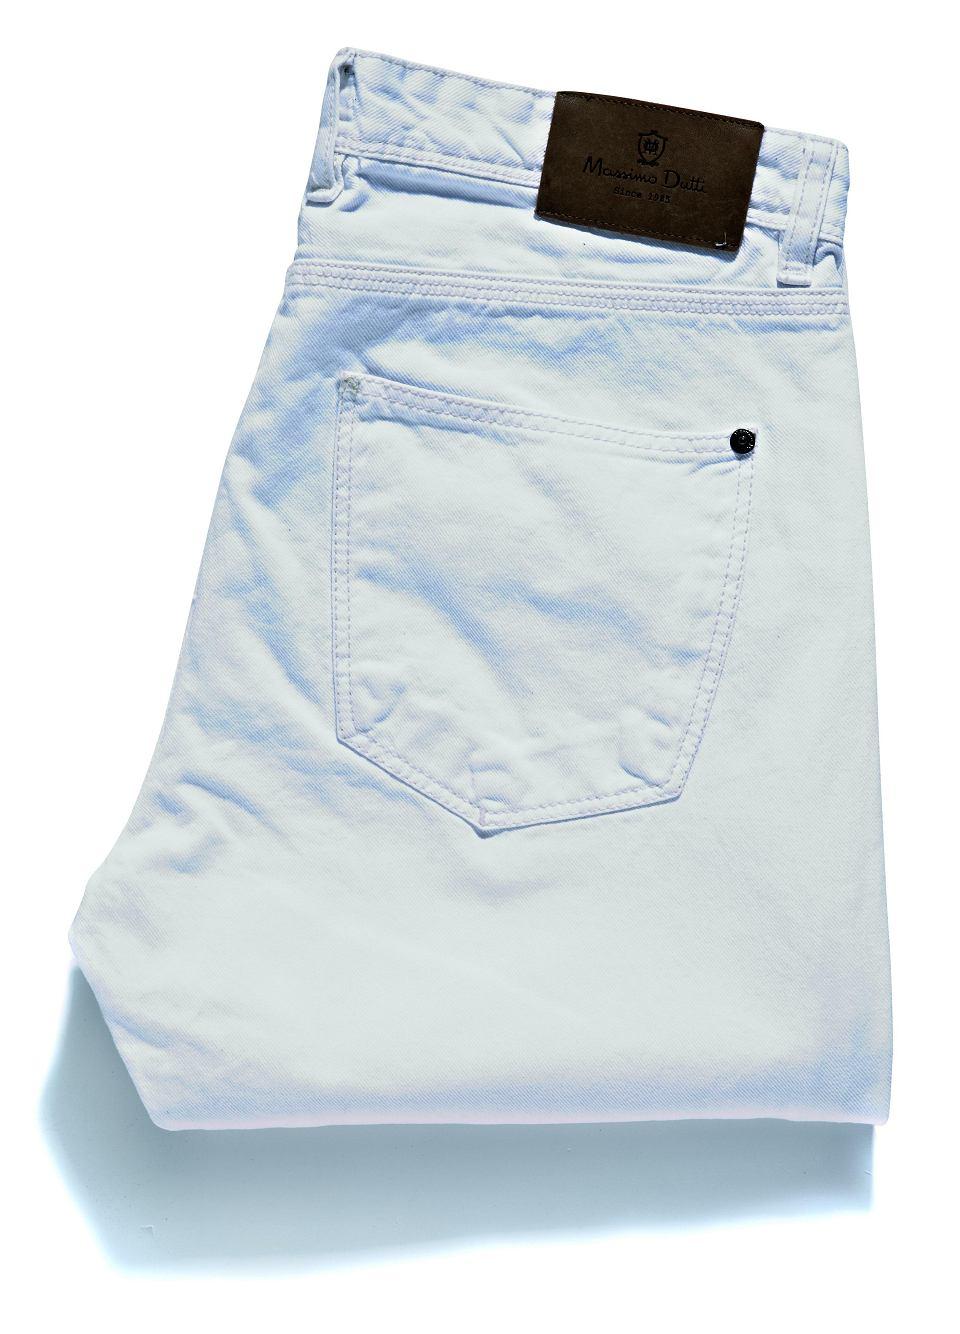 Zdjęcie numer 7 w galerii - Jasne dżinsy: zobacz najmodniejsze wzory